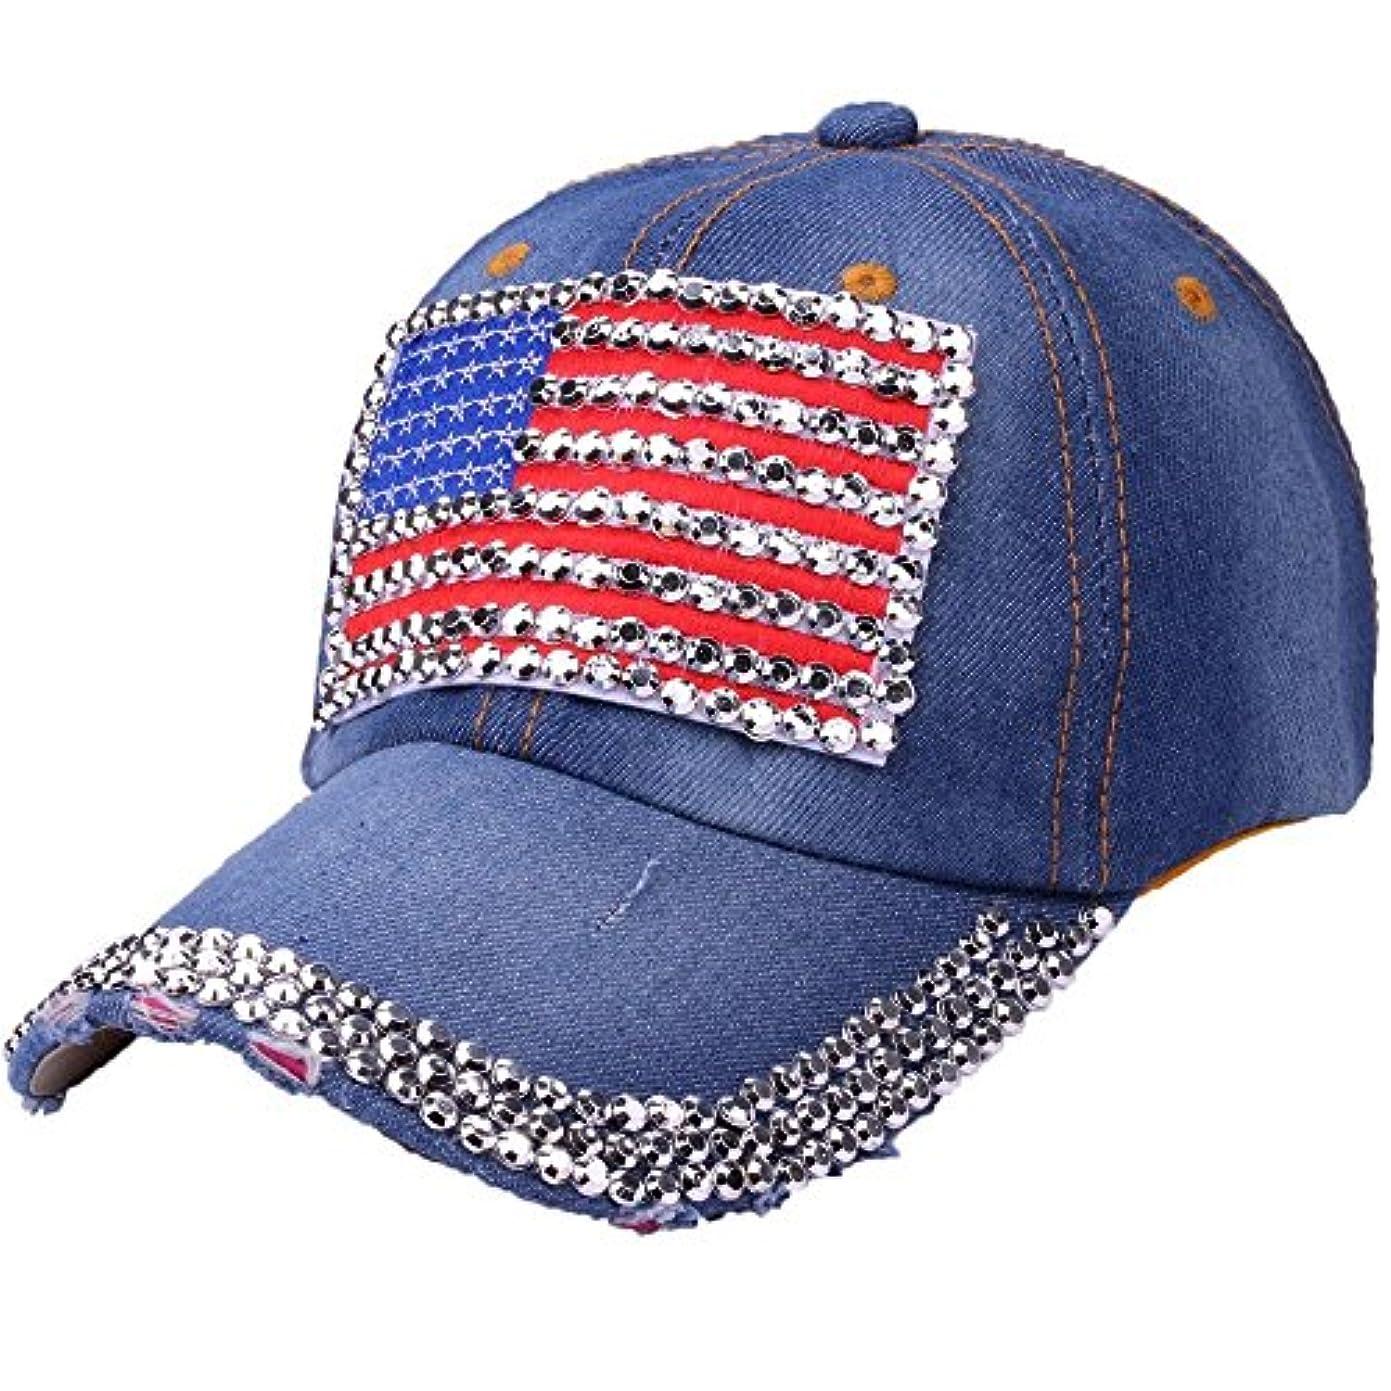 暗殺者誰も指定Racazing Cap カウボーイ 野球帽 ヒップホップ 通気性のある ラインストーン 帽子 夏 登山 アメリカの旗 可調整可能 棒球帽 男女兼用 UV 帽子 軽量 屋外 ジーンズ Unisex Cap (C)